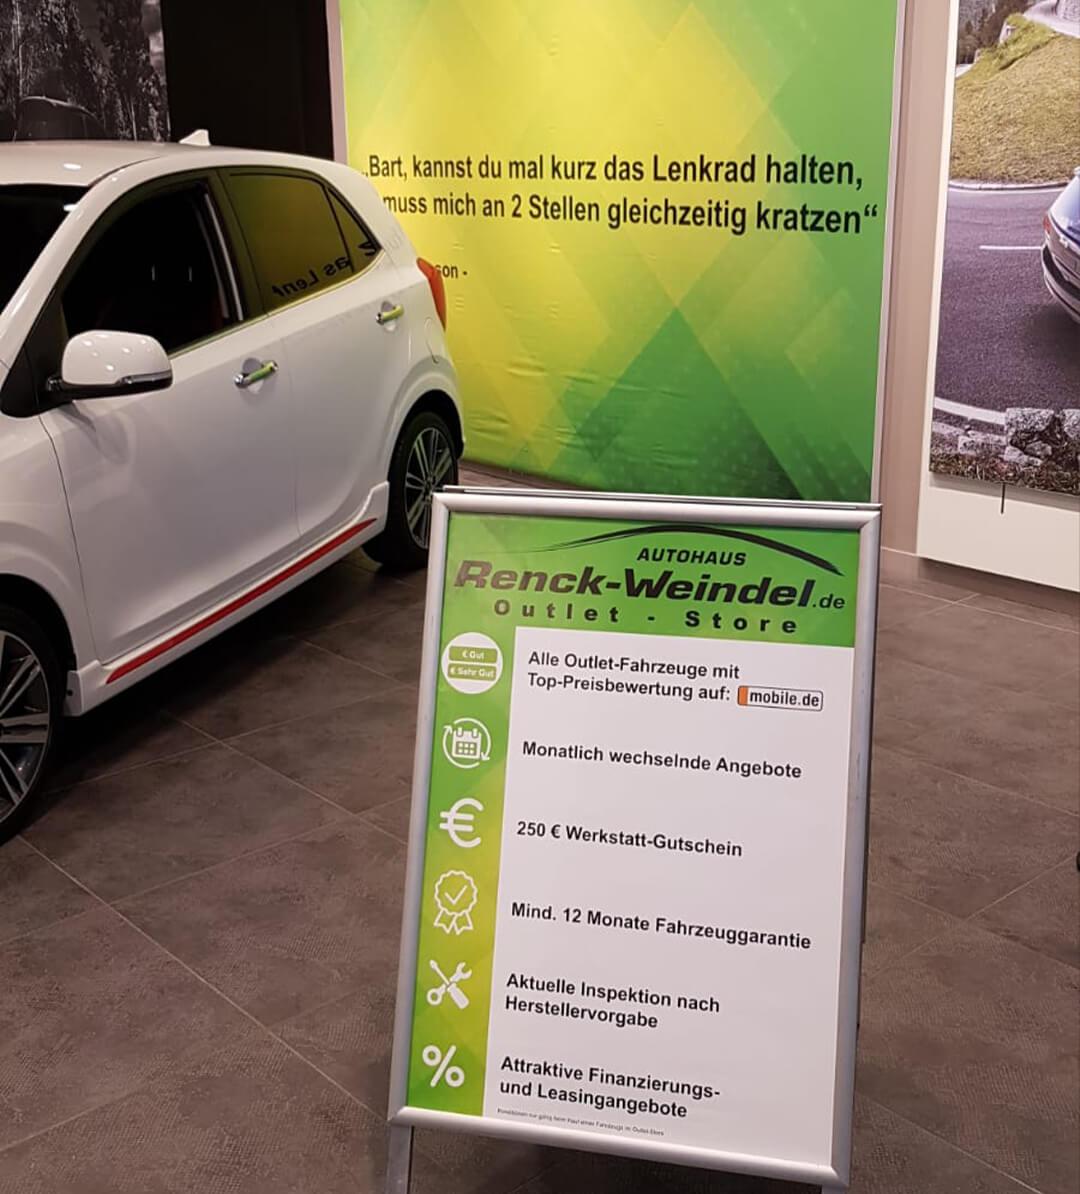 Unsere Gebrauchtwagen Versprechen - Renck-Weindel Outlet-Store